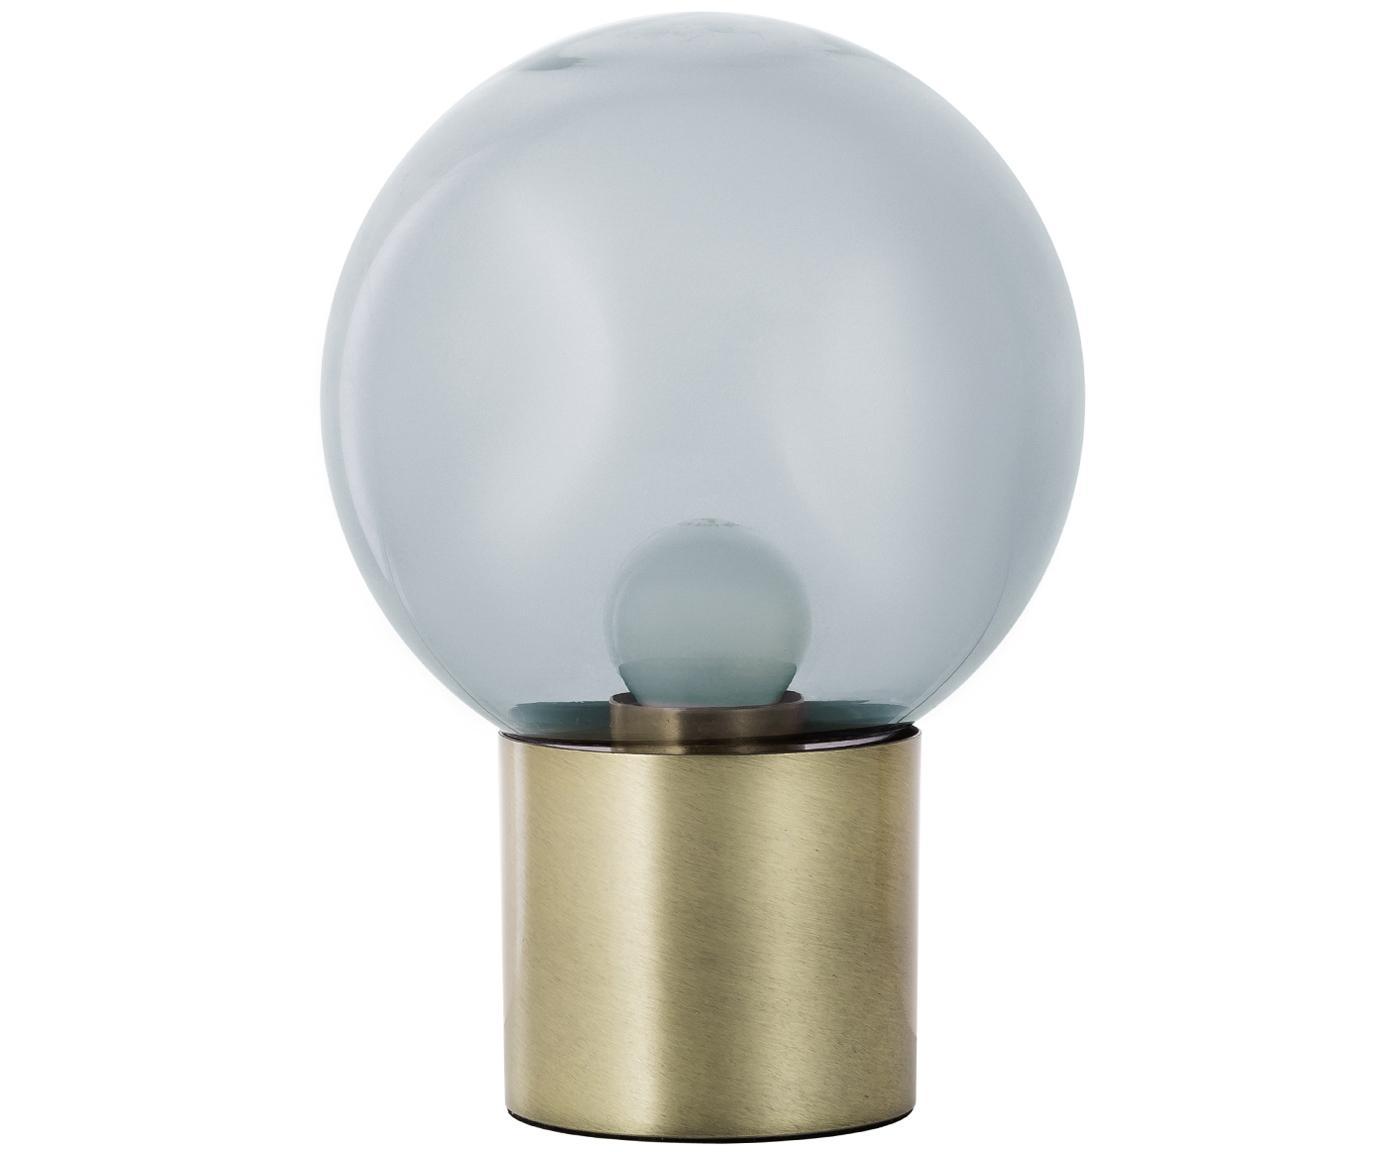 Retro-Tischleuchte Lark aus Glas, Lampenschirm: Glas, Lampenfuß: Metall, gebürstet, Lampenschirm: Grau, transparentLampenfuß: Messingfarben, matt, Ø 17 x H 24 cm